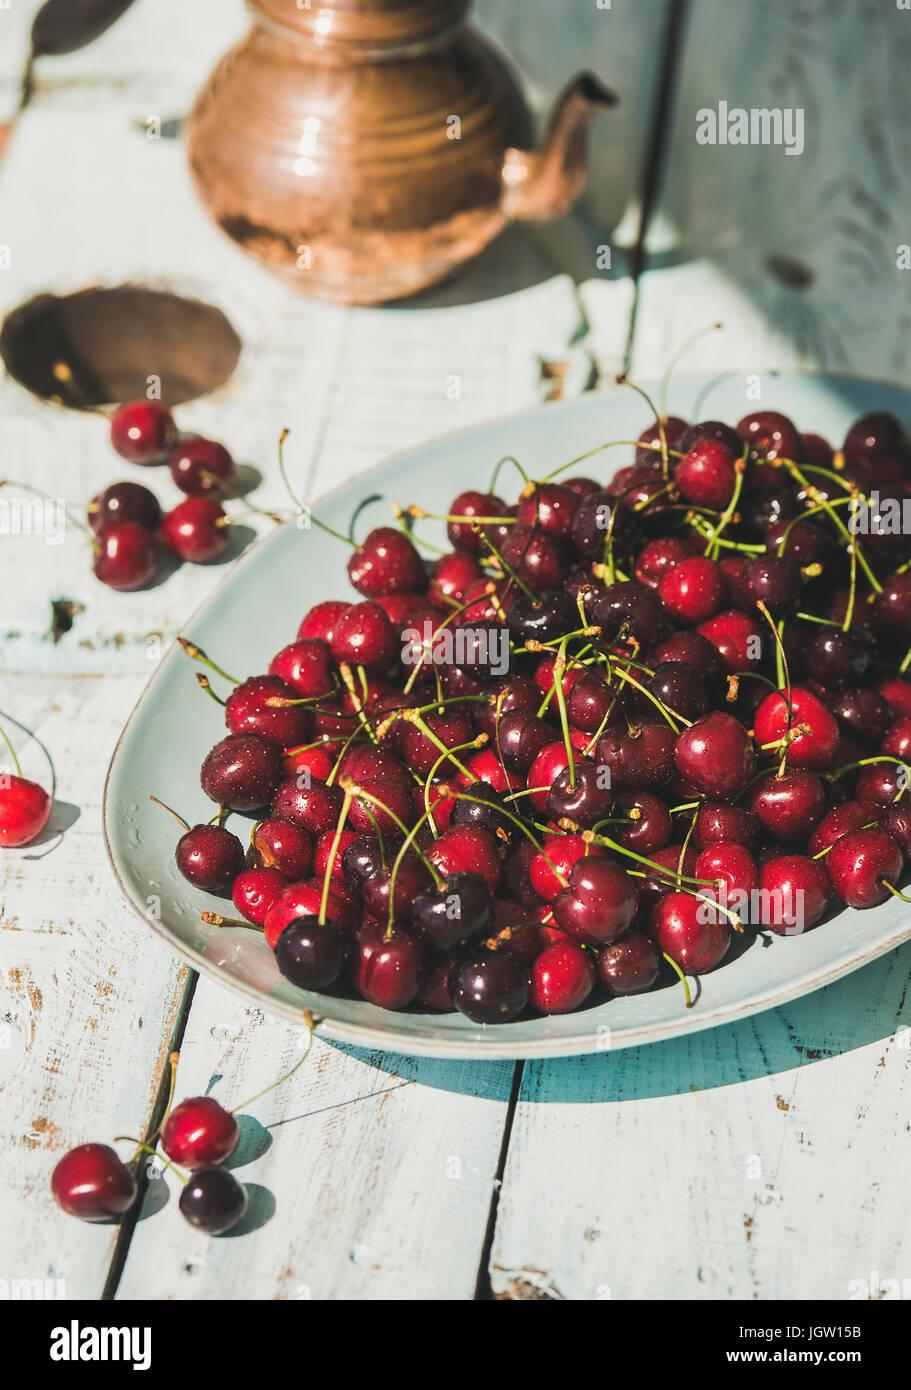 Plato de cerezas dulces en la luz azul de fondo de la tabla de madera Imagen De Stock